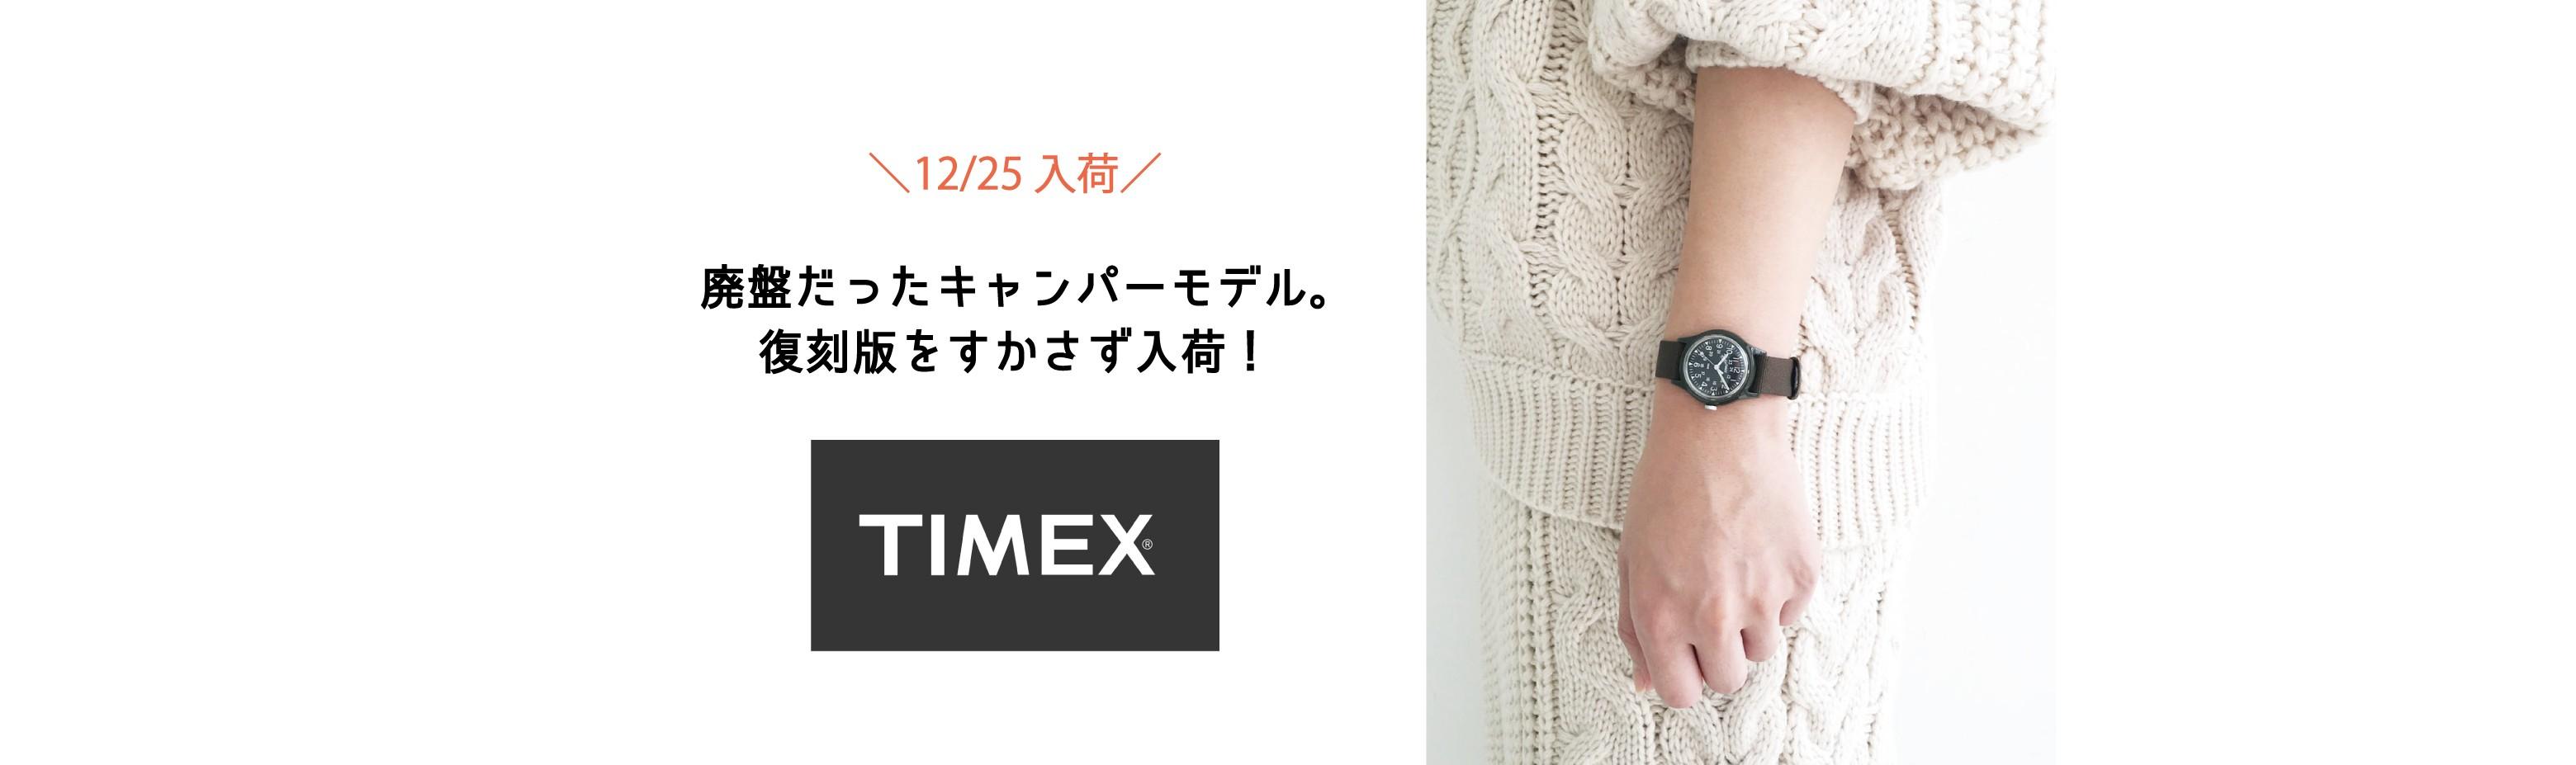 \12/25NEW/ TIMEX 時計を入荷しました!